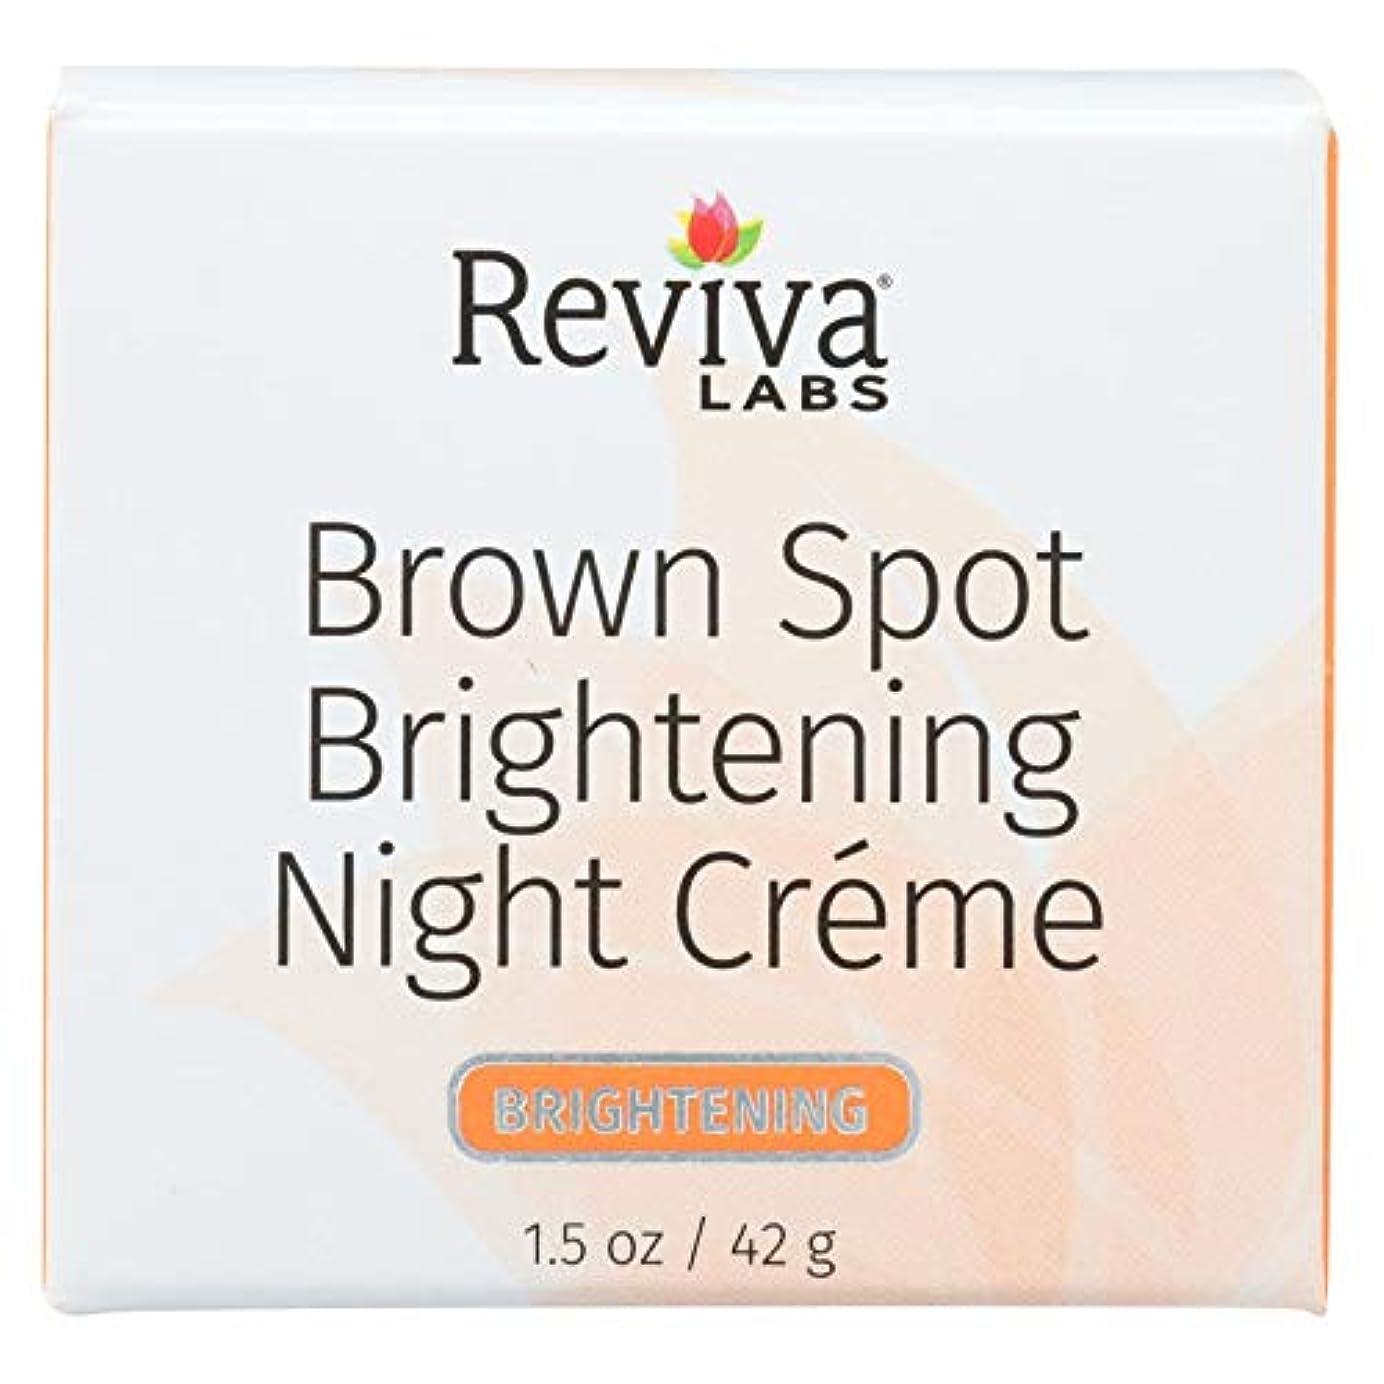 アヒル残高呪い[海外直送品]  ブラウン スポット ナイトクリーム 42g  ハイドロキノン2%配合